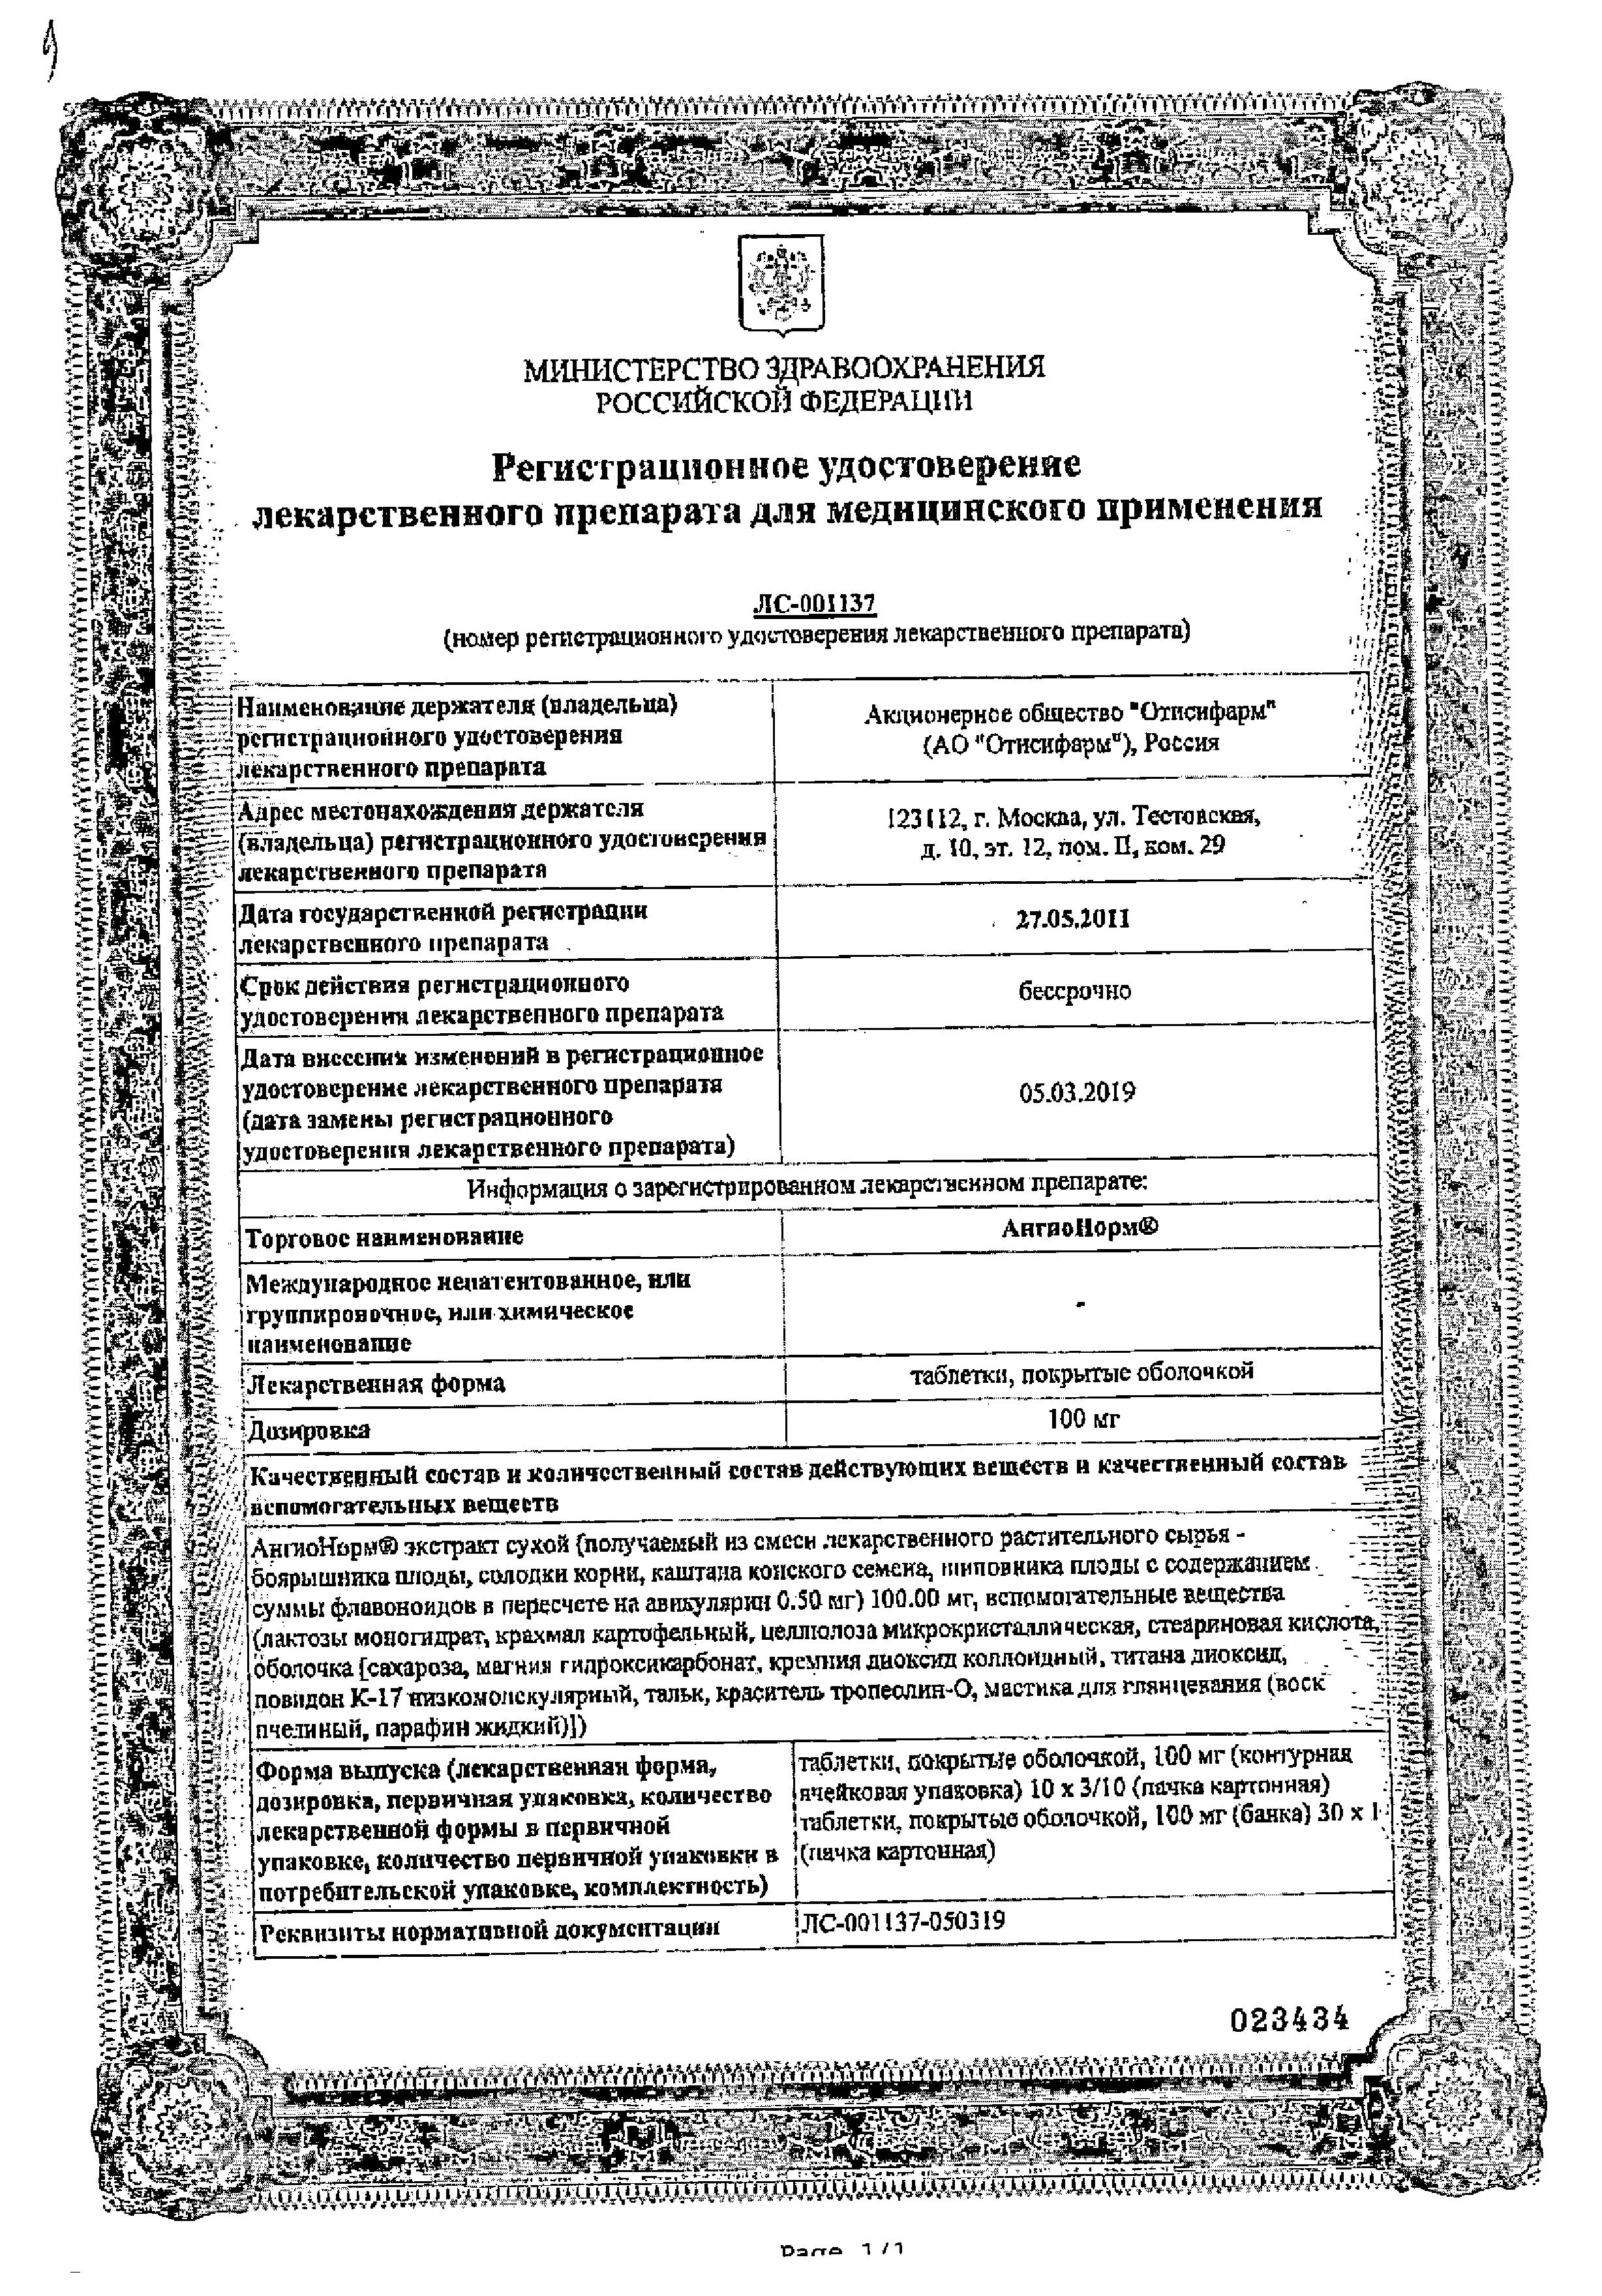 АнгиоНорм сертификат